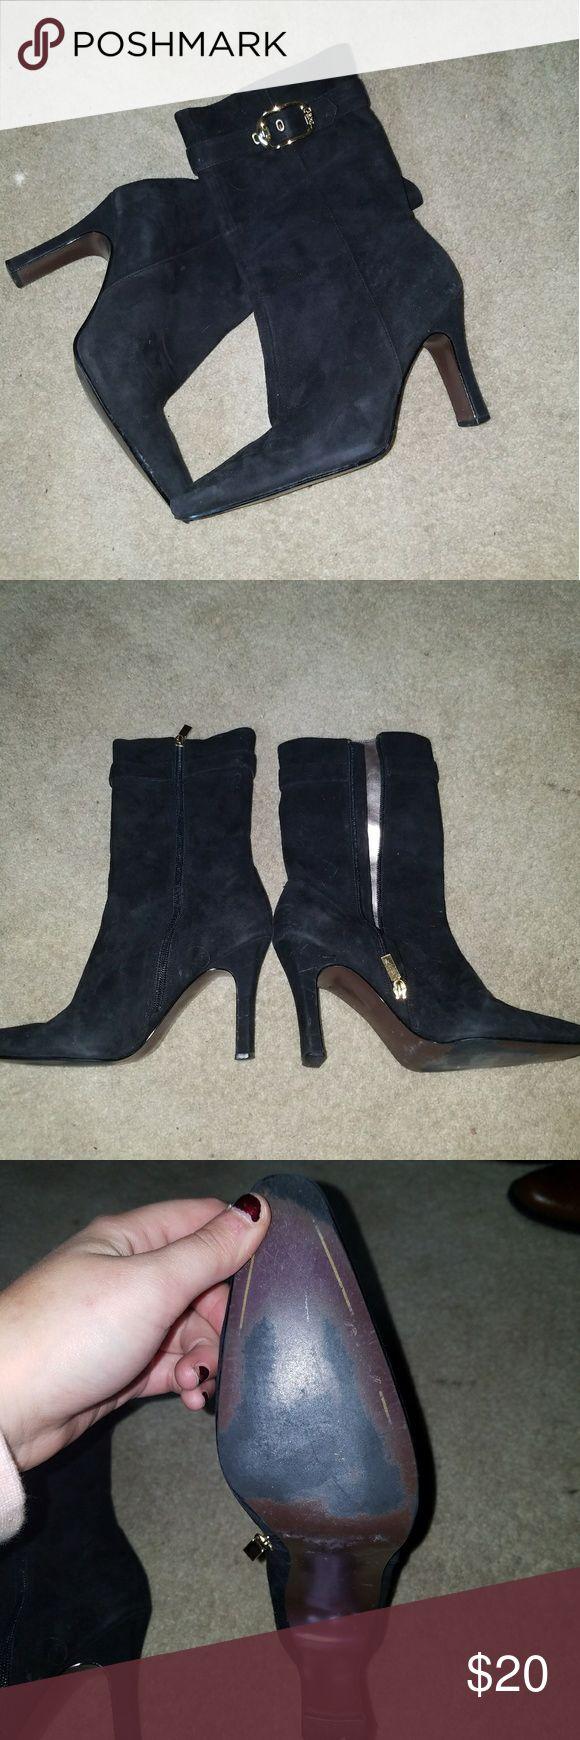 black carlos boot heels Black velvet like heels by carlos. size 8 carlos Shoes Heeled Boots